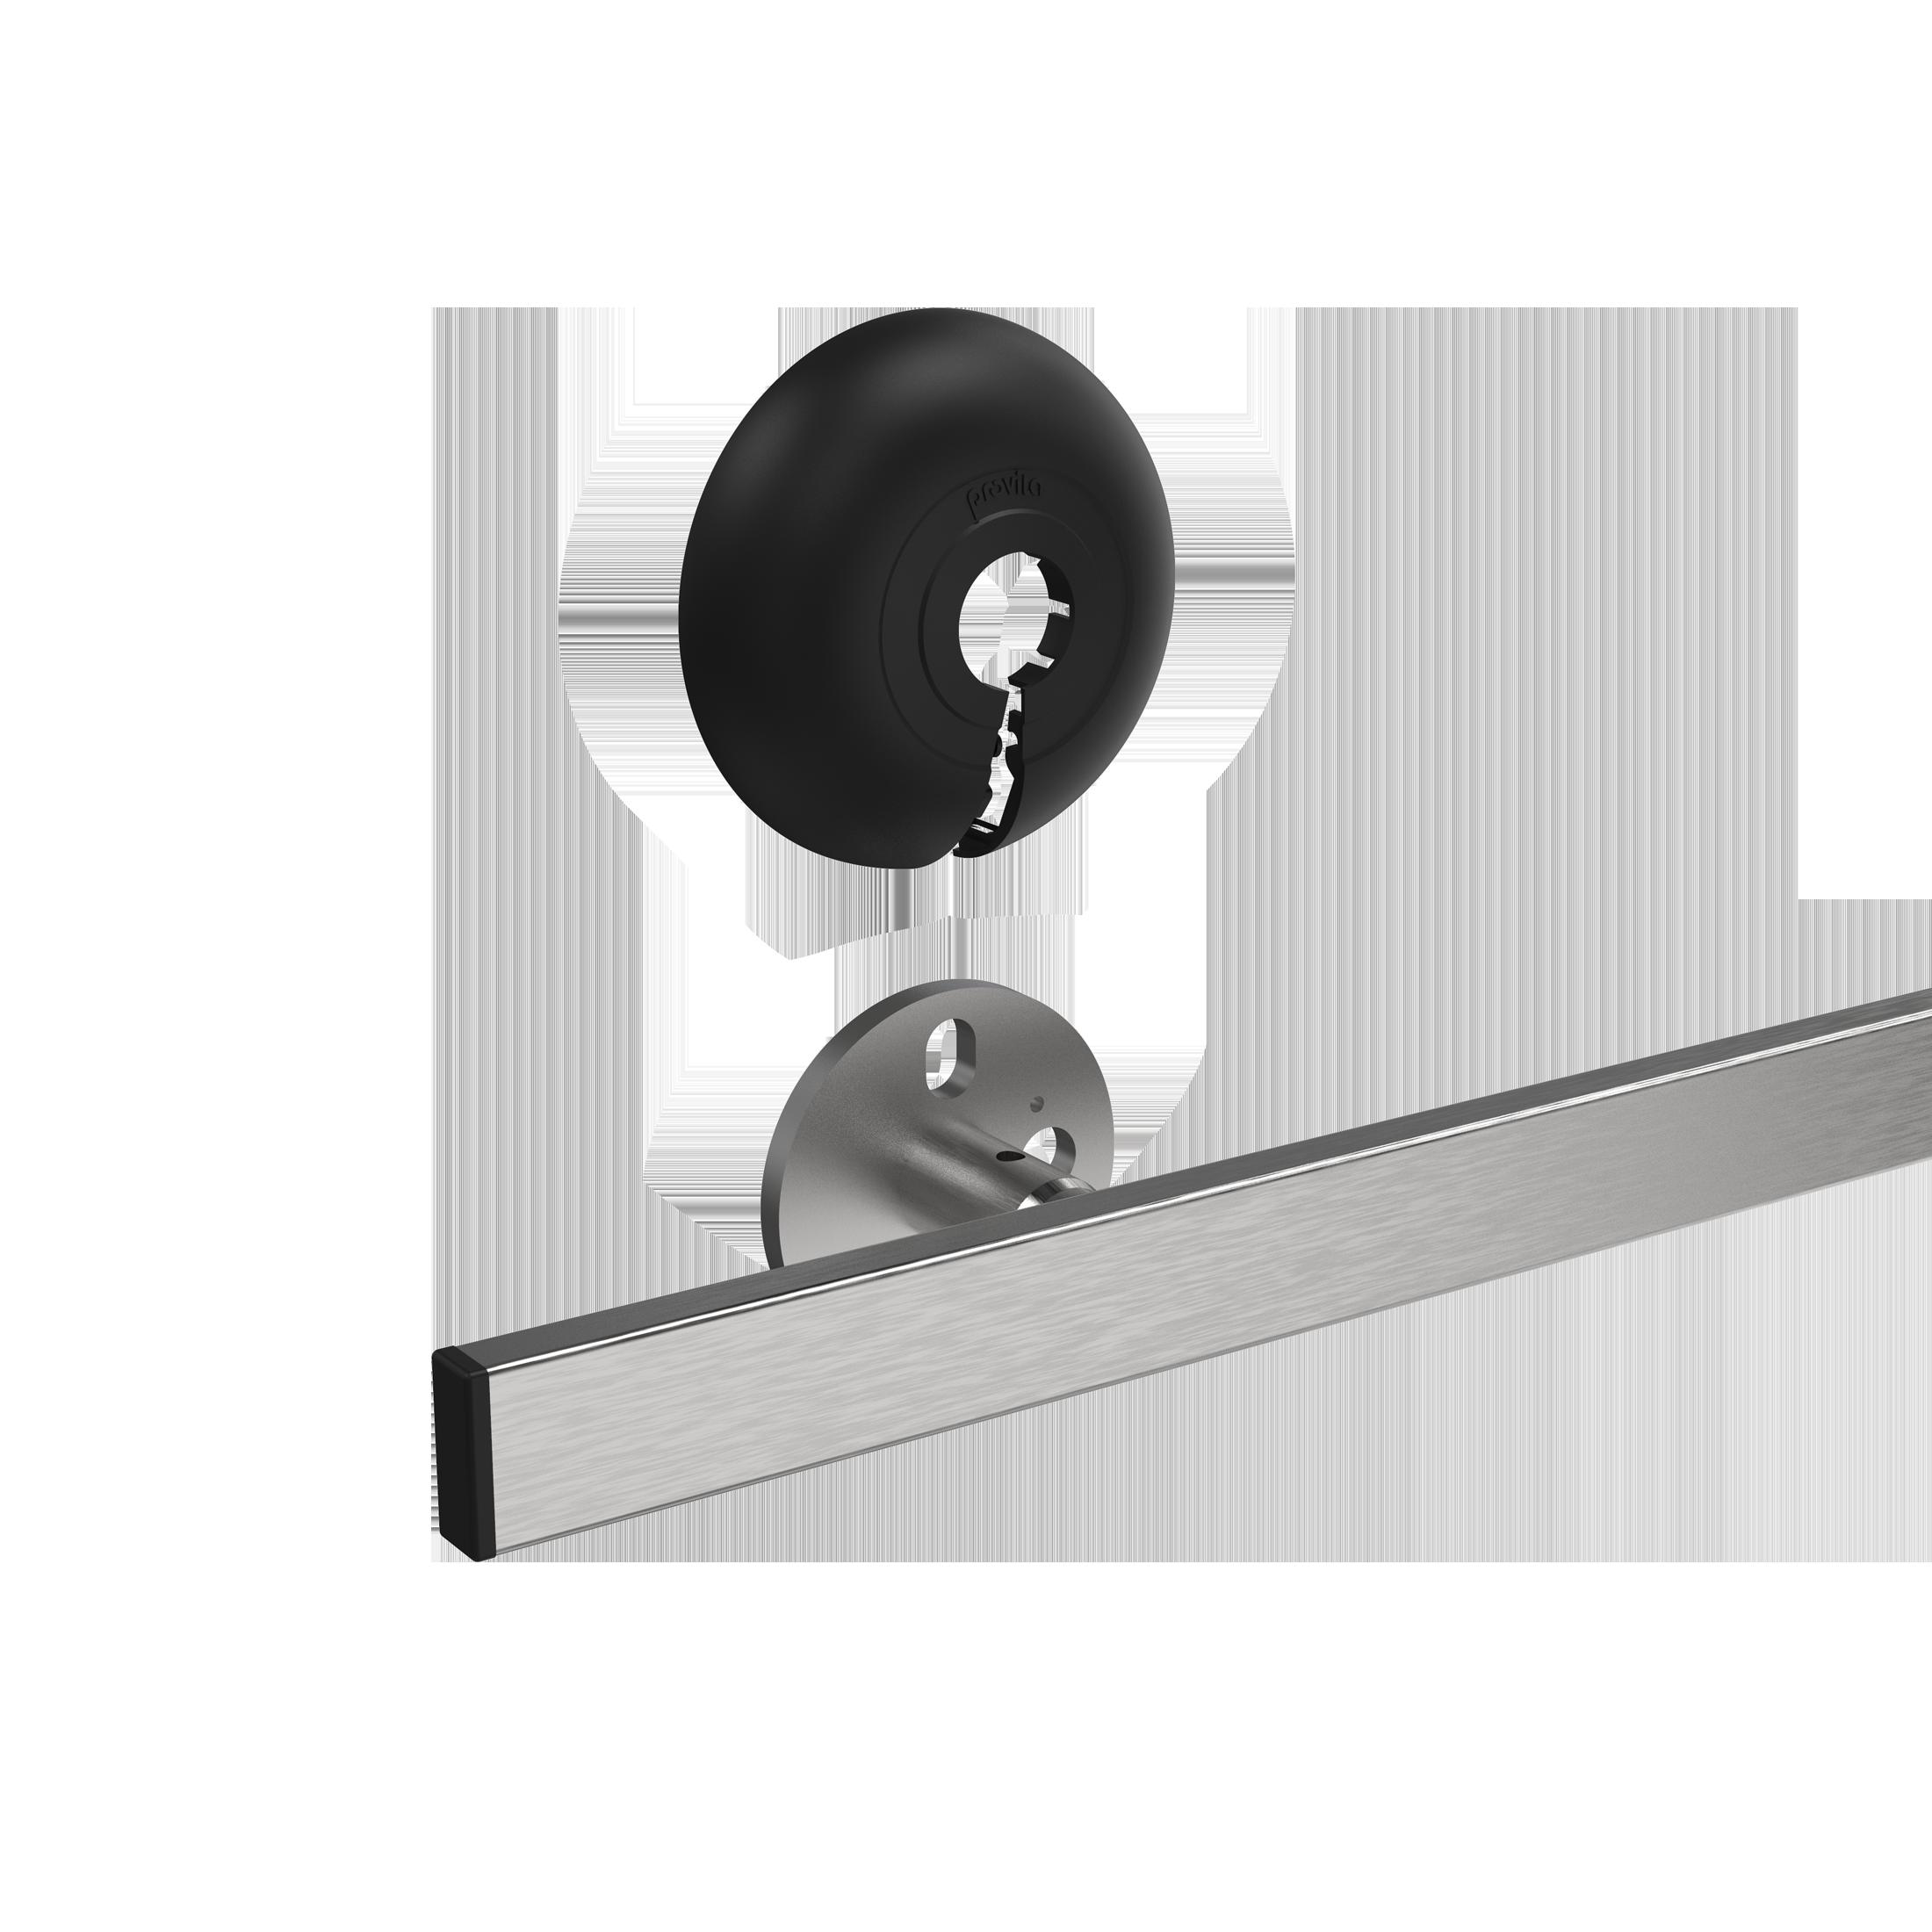 Wandschiene (Geräteschiene) mit Clip-Abdeckung